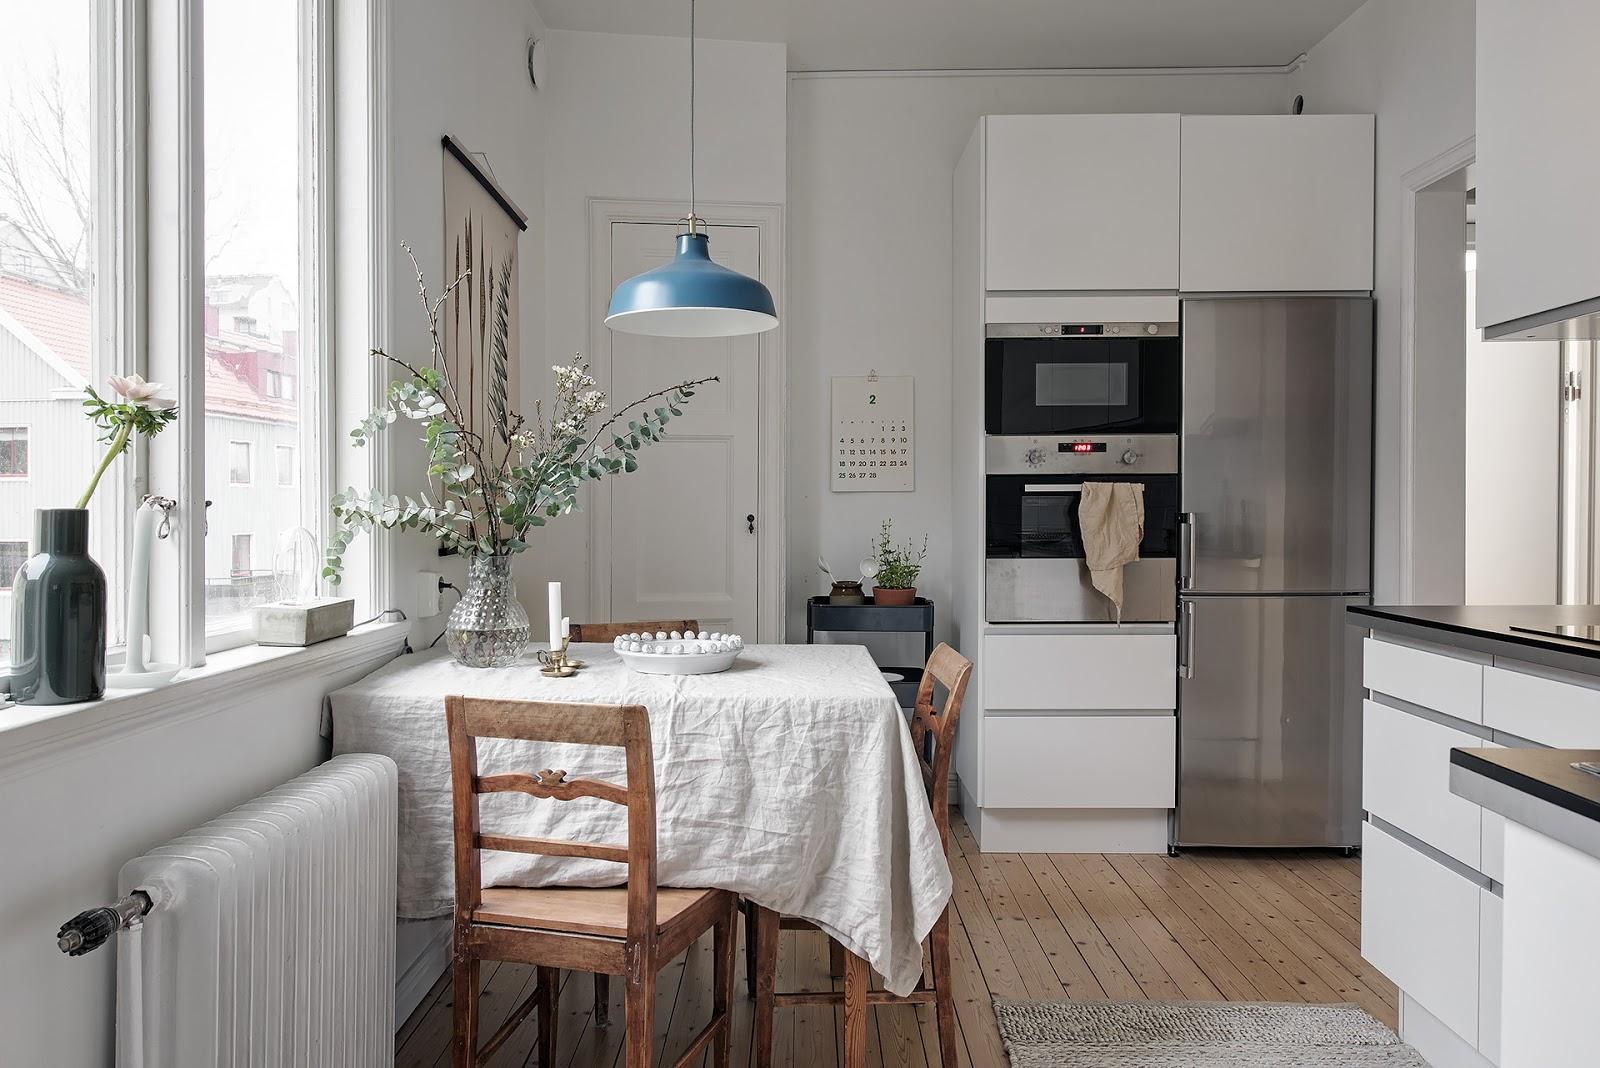 10 trucos para acertar con la decoraci n de tu hogar - Trucos decoracion hogar ...